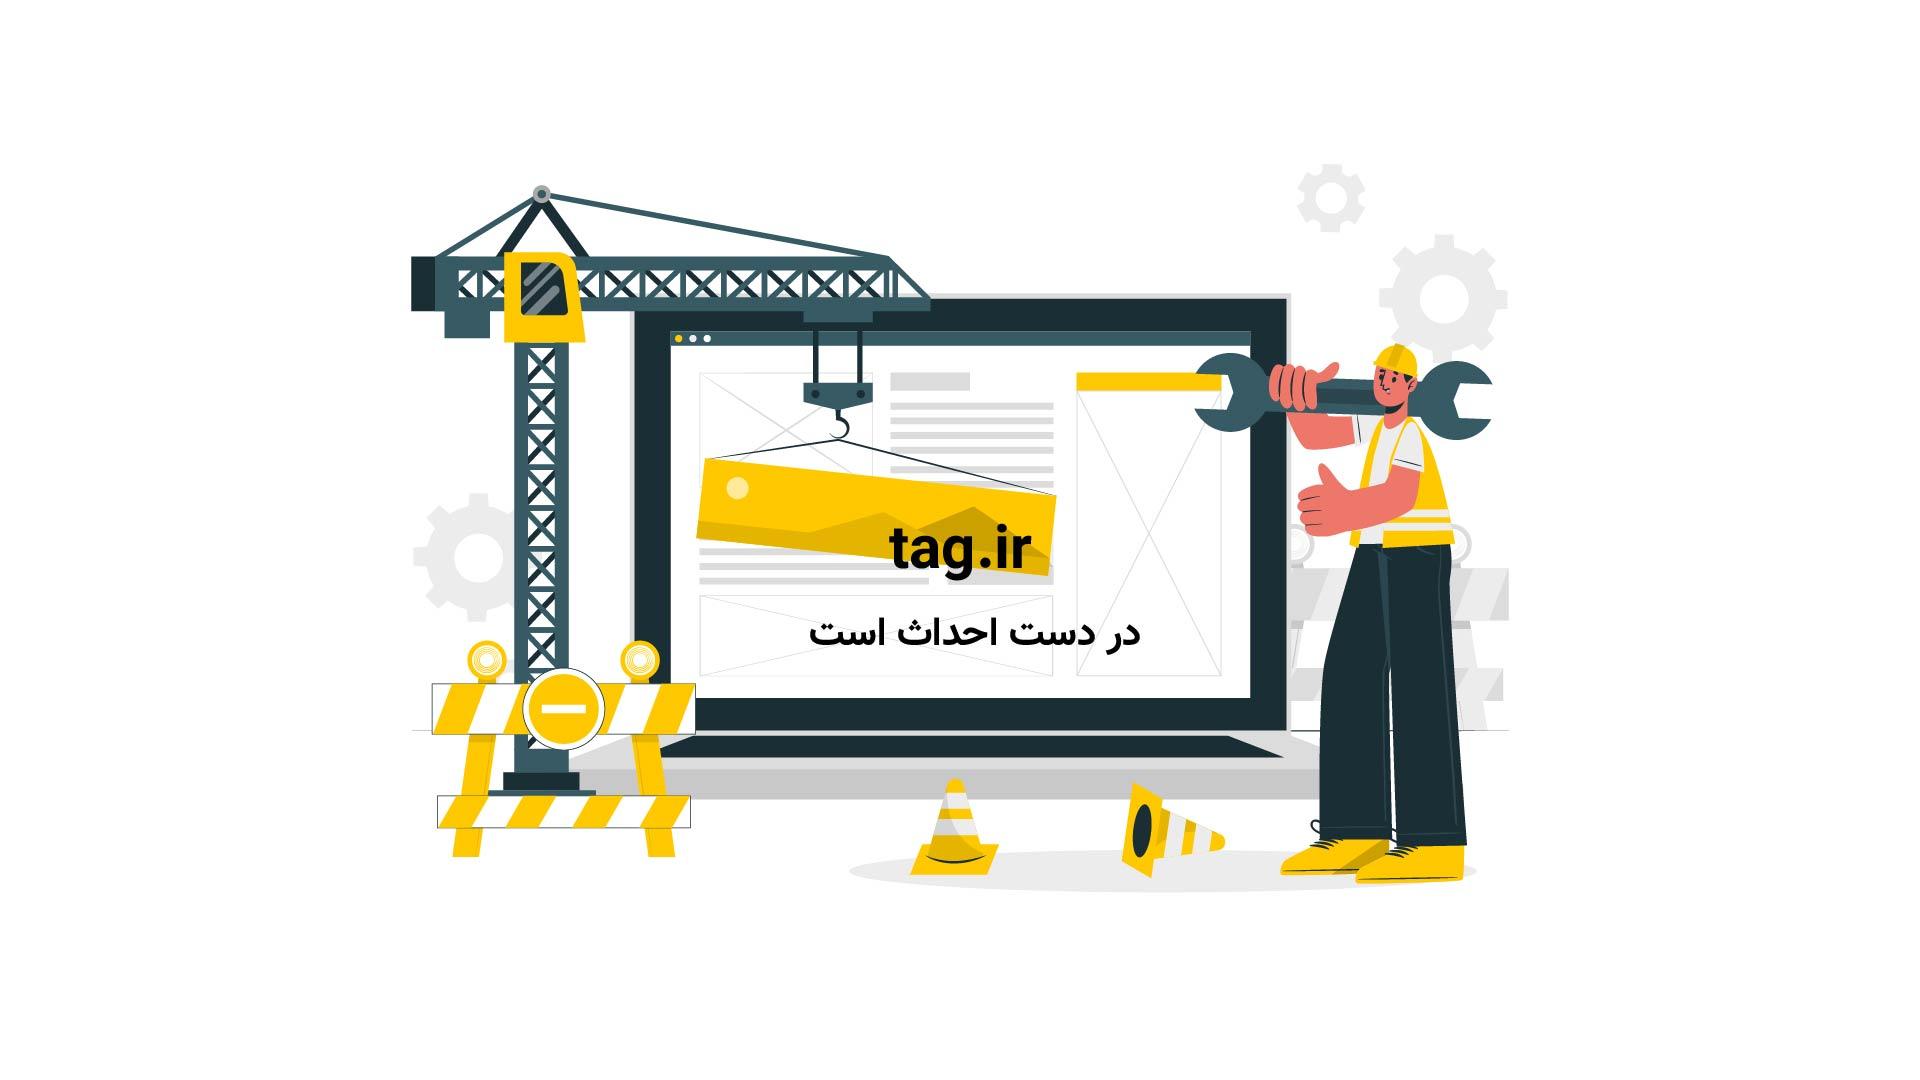 سخنرانی های تد؛ چگونه بیحوصلگی میتواند ایده بیافریند |فیلم